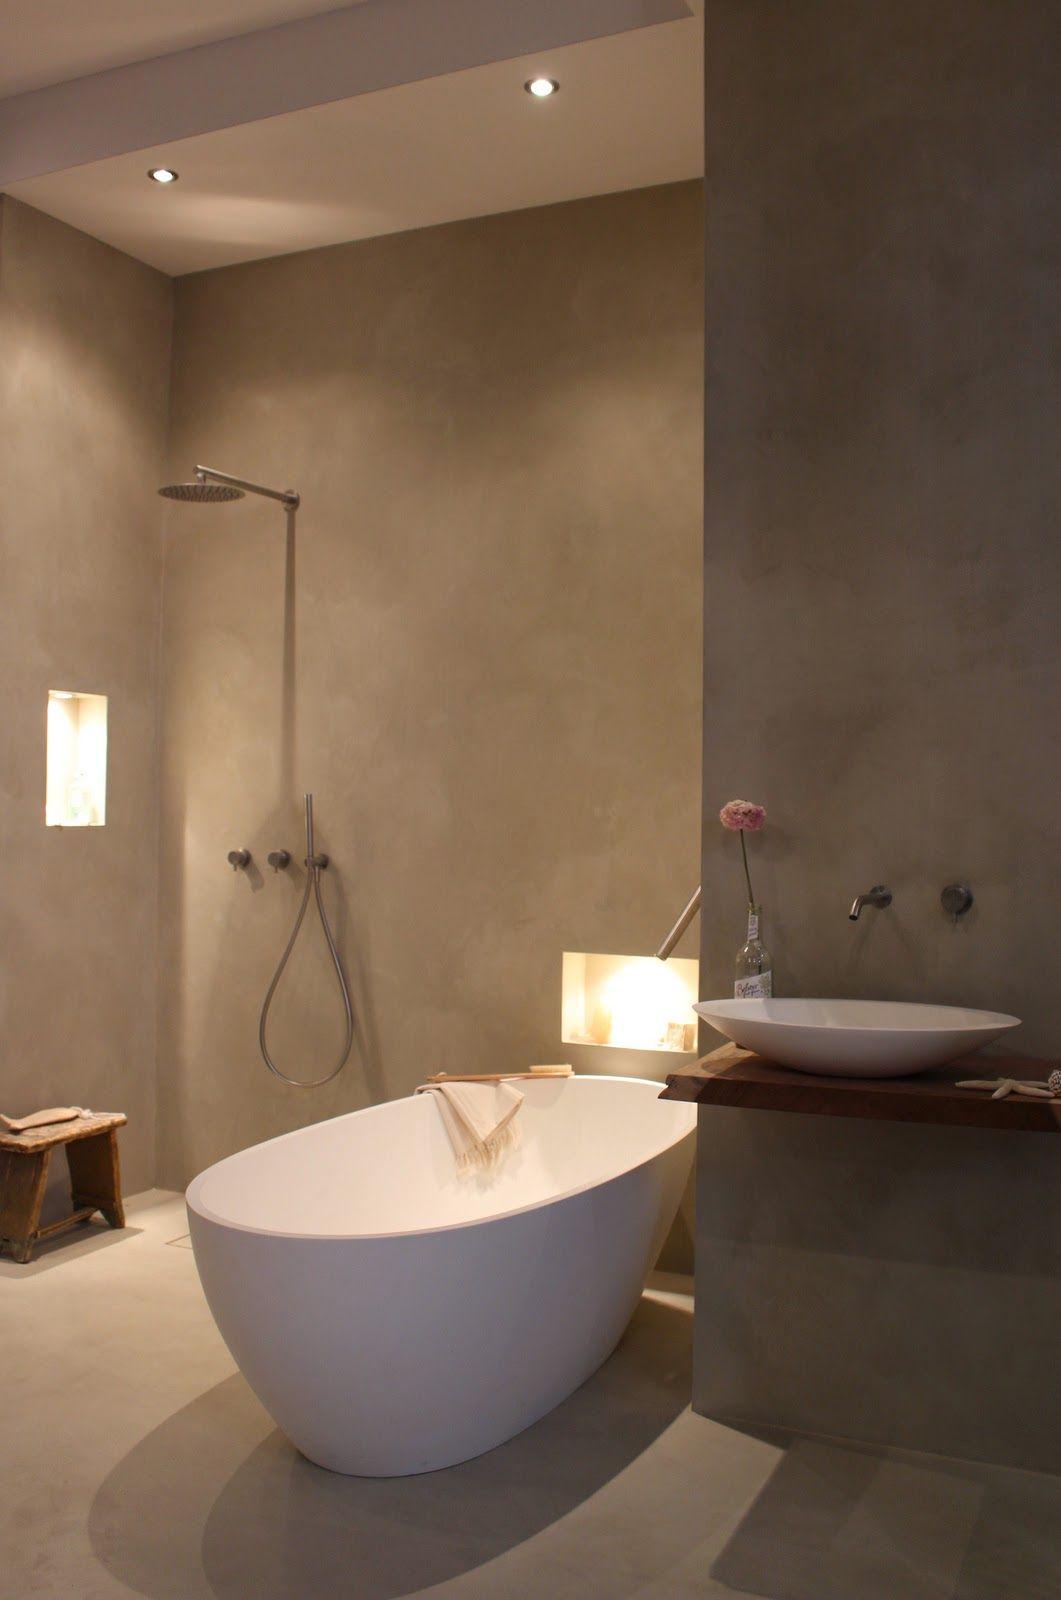 Captivating Minimalistisches Bad Design, Moderne Badgestaltung, Moderne Bäder, Bad  Wasserhähne, Design Produkte, Modern Bathroom Inspiration, Freestanding  Bathtub, ... Great Pictures